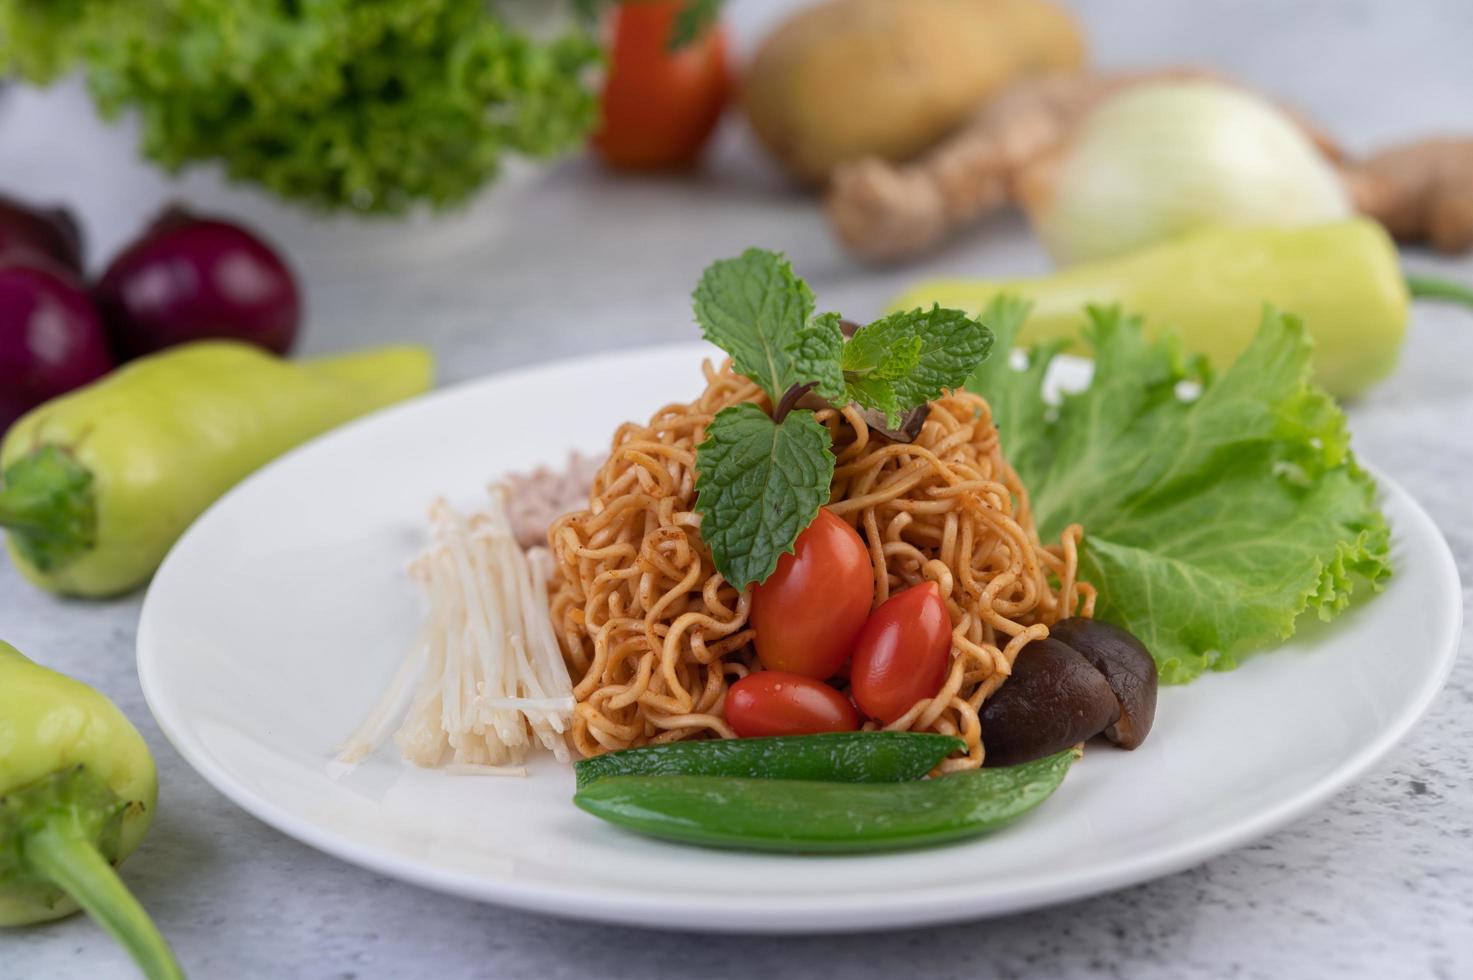 gebratene Nudeln mit gemischtem Gemüse foto